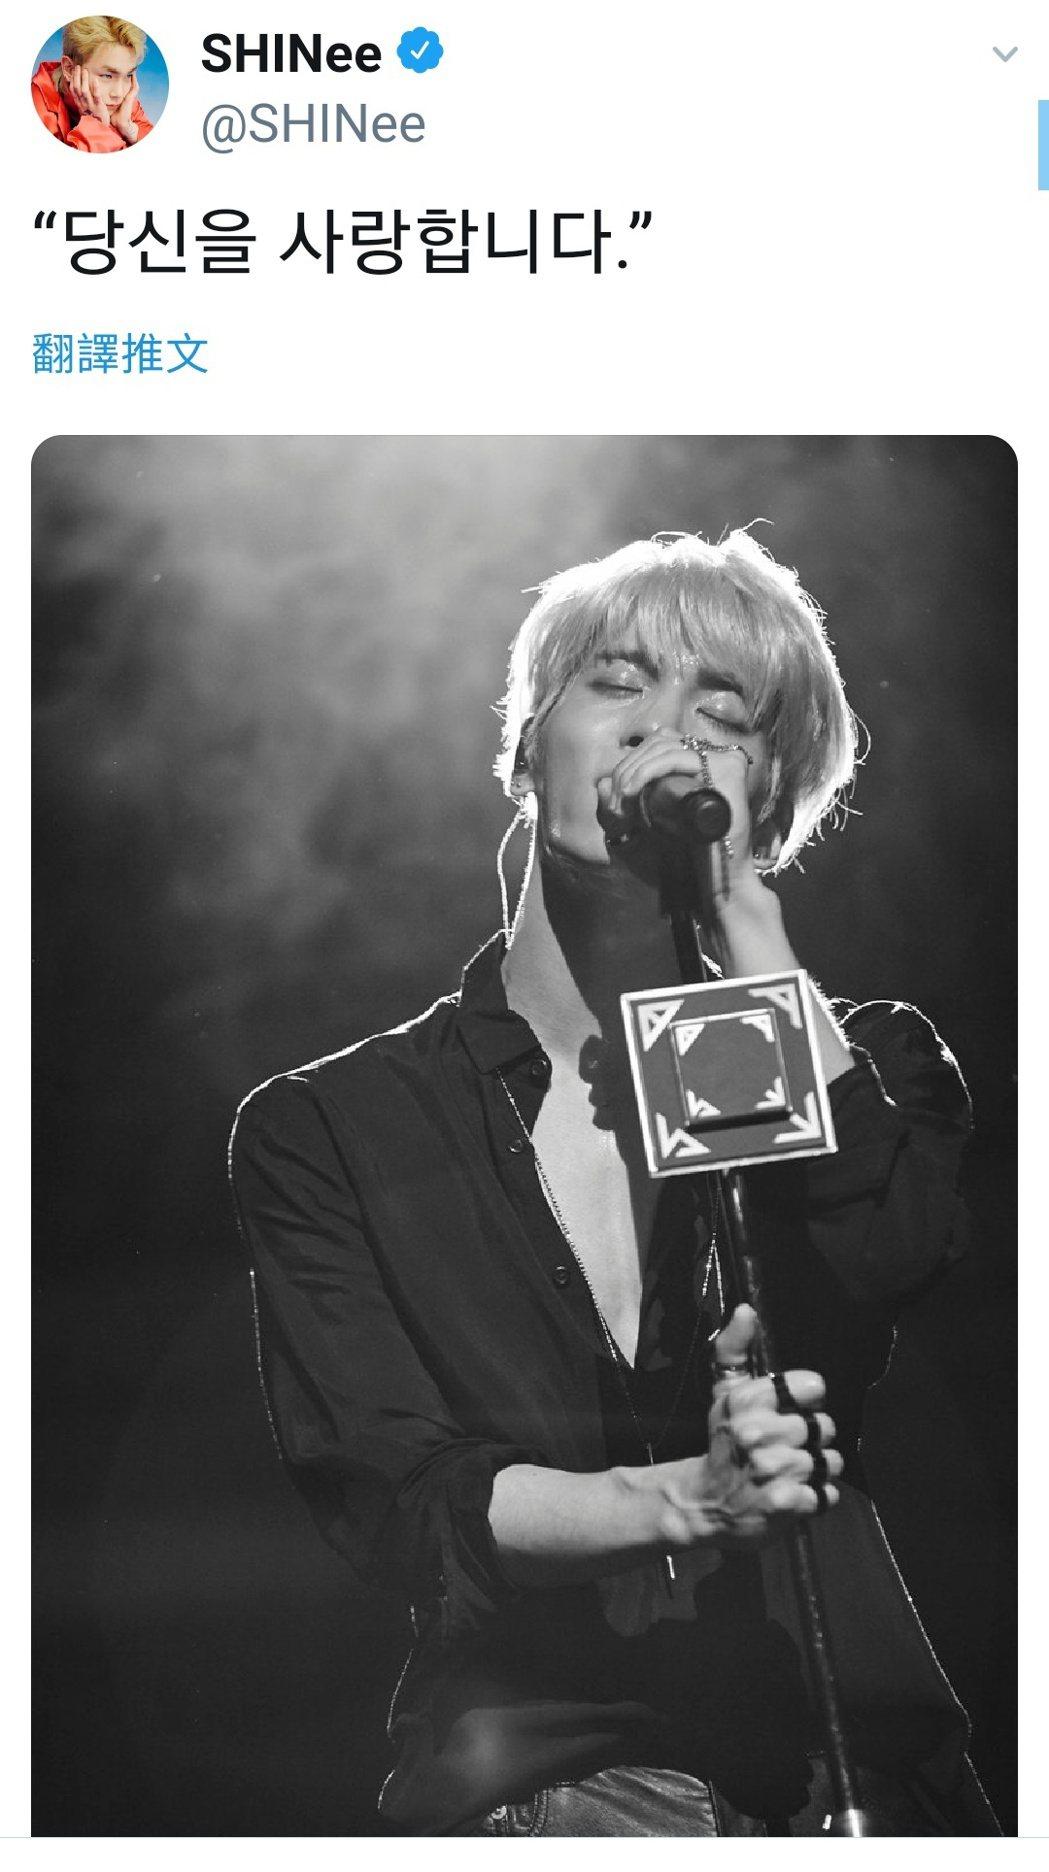 SHINee官方推特發文紀念鐘鉉。 圖/擷自SHINee推特